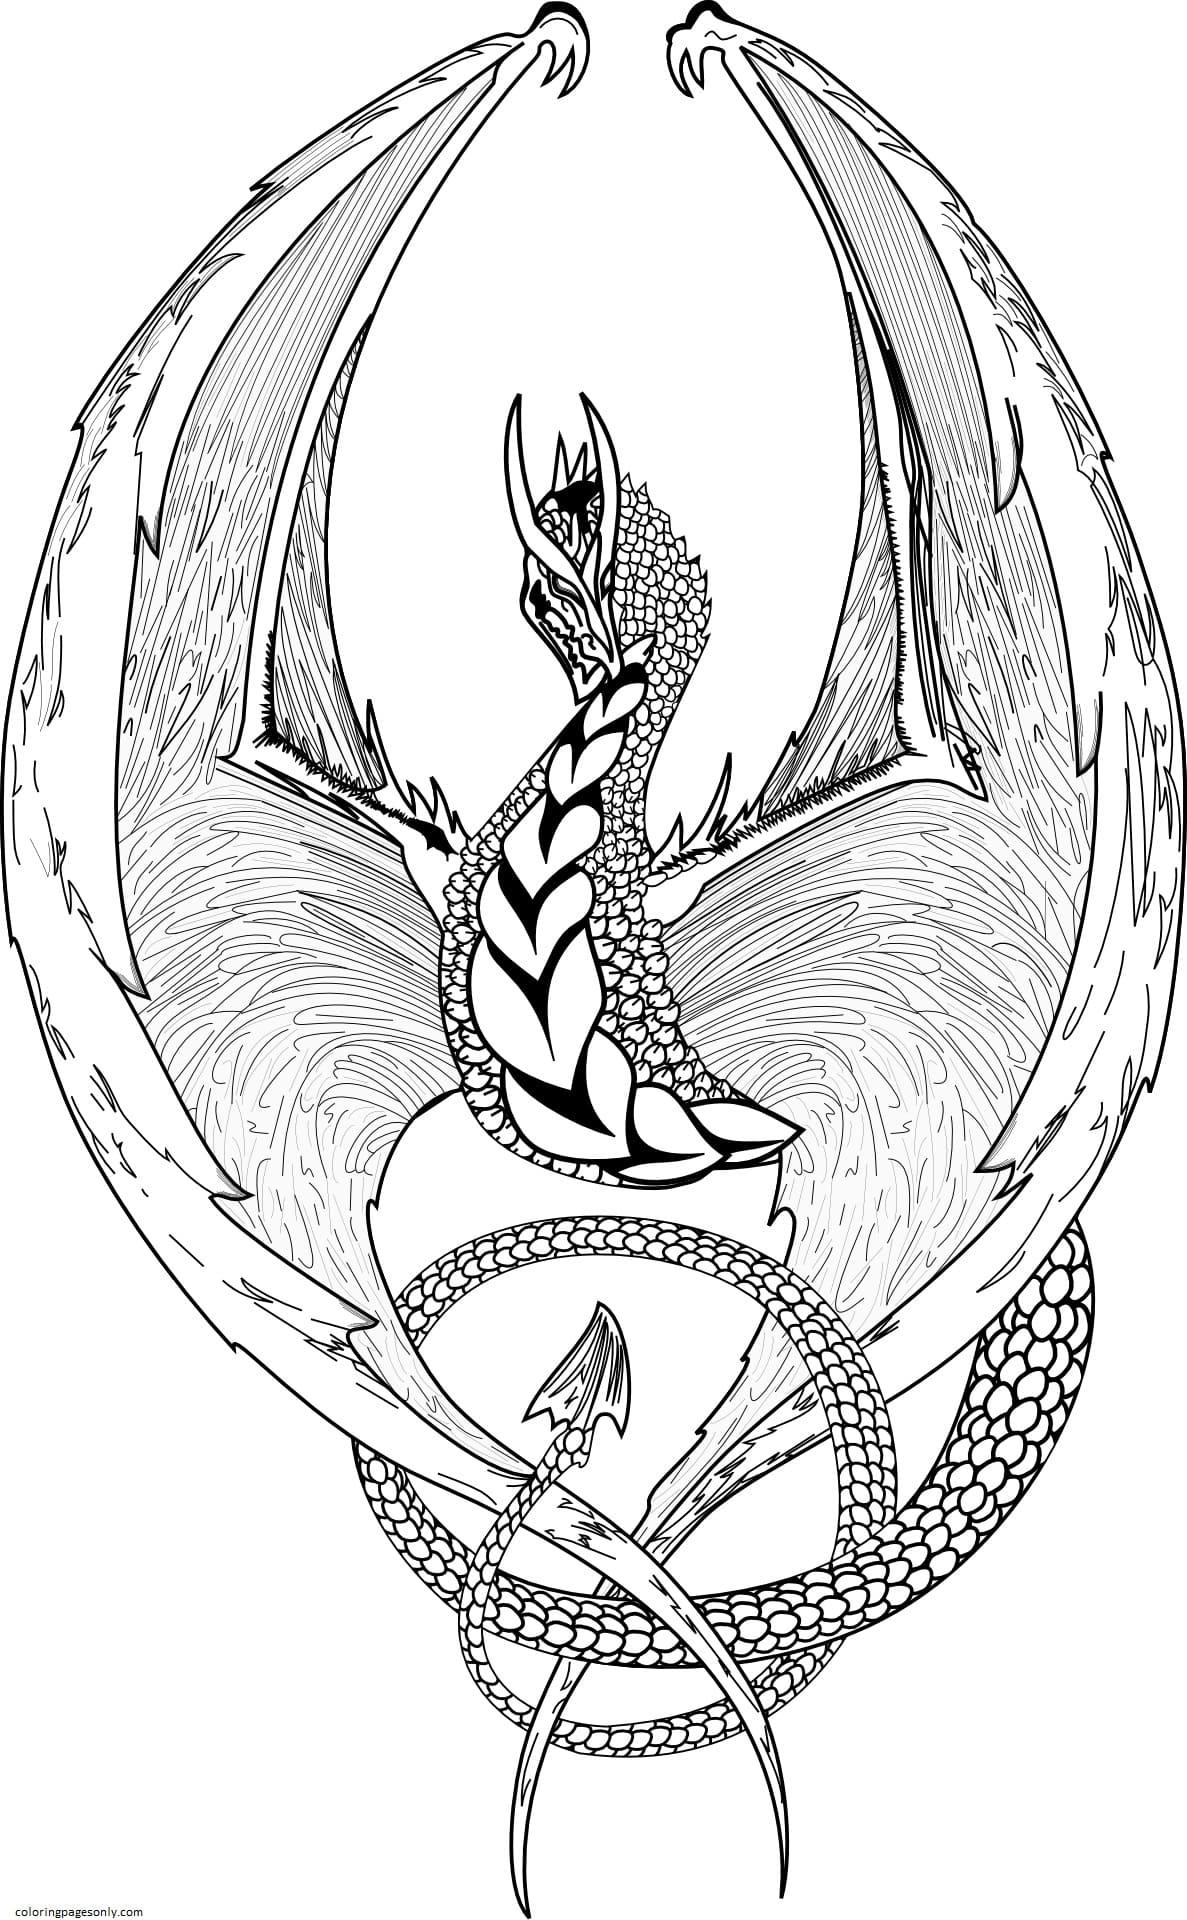 Fantasy Dragon Coloring Page